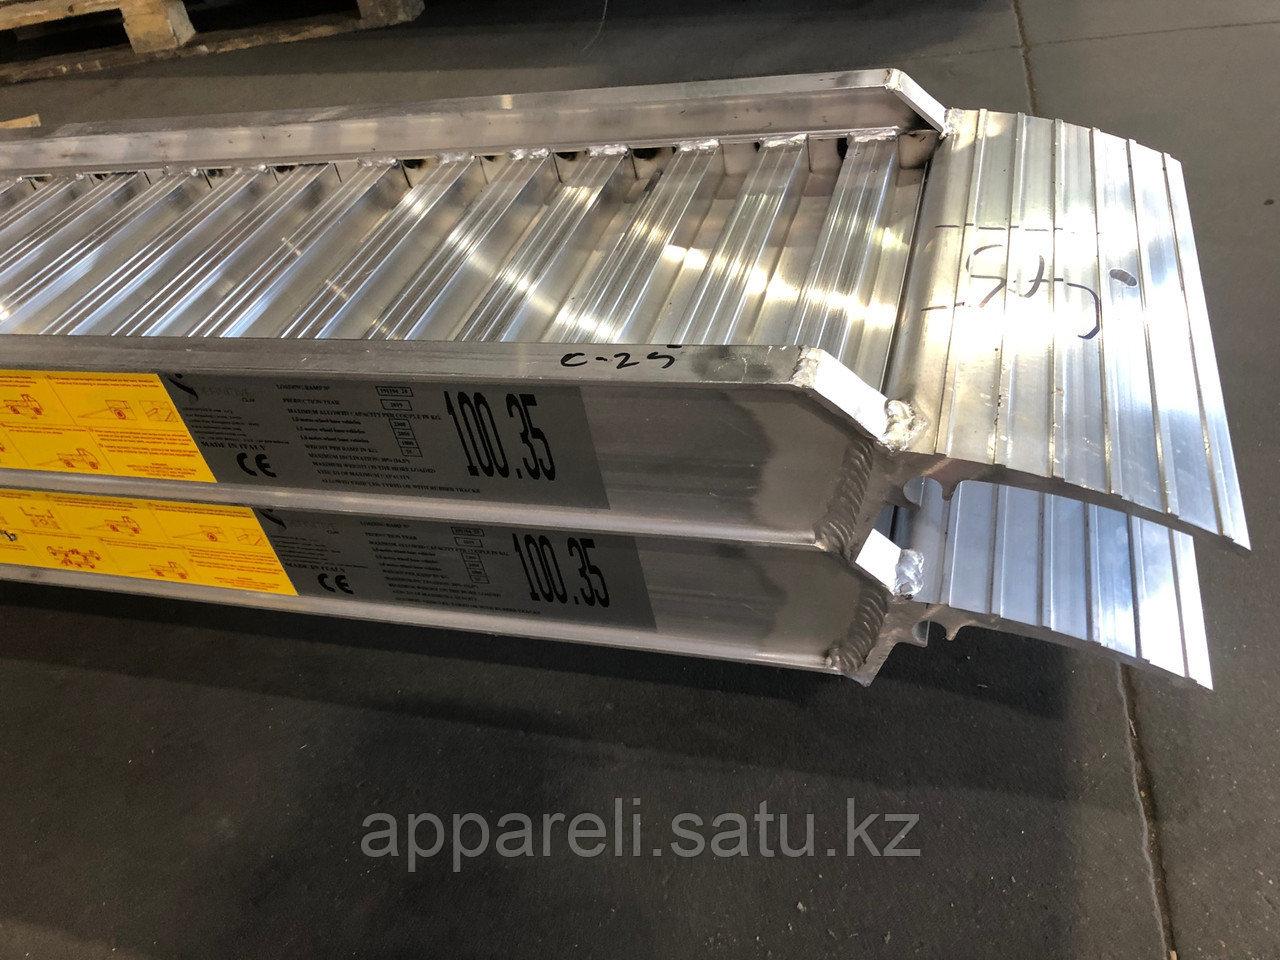 Погрузочные рампы из алюминия (аппарели / трапы)